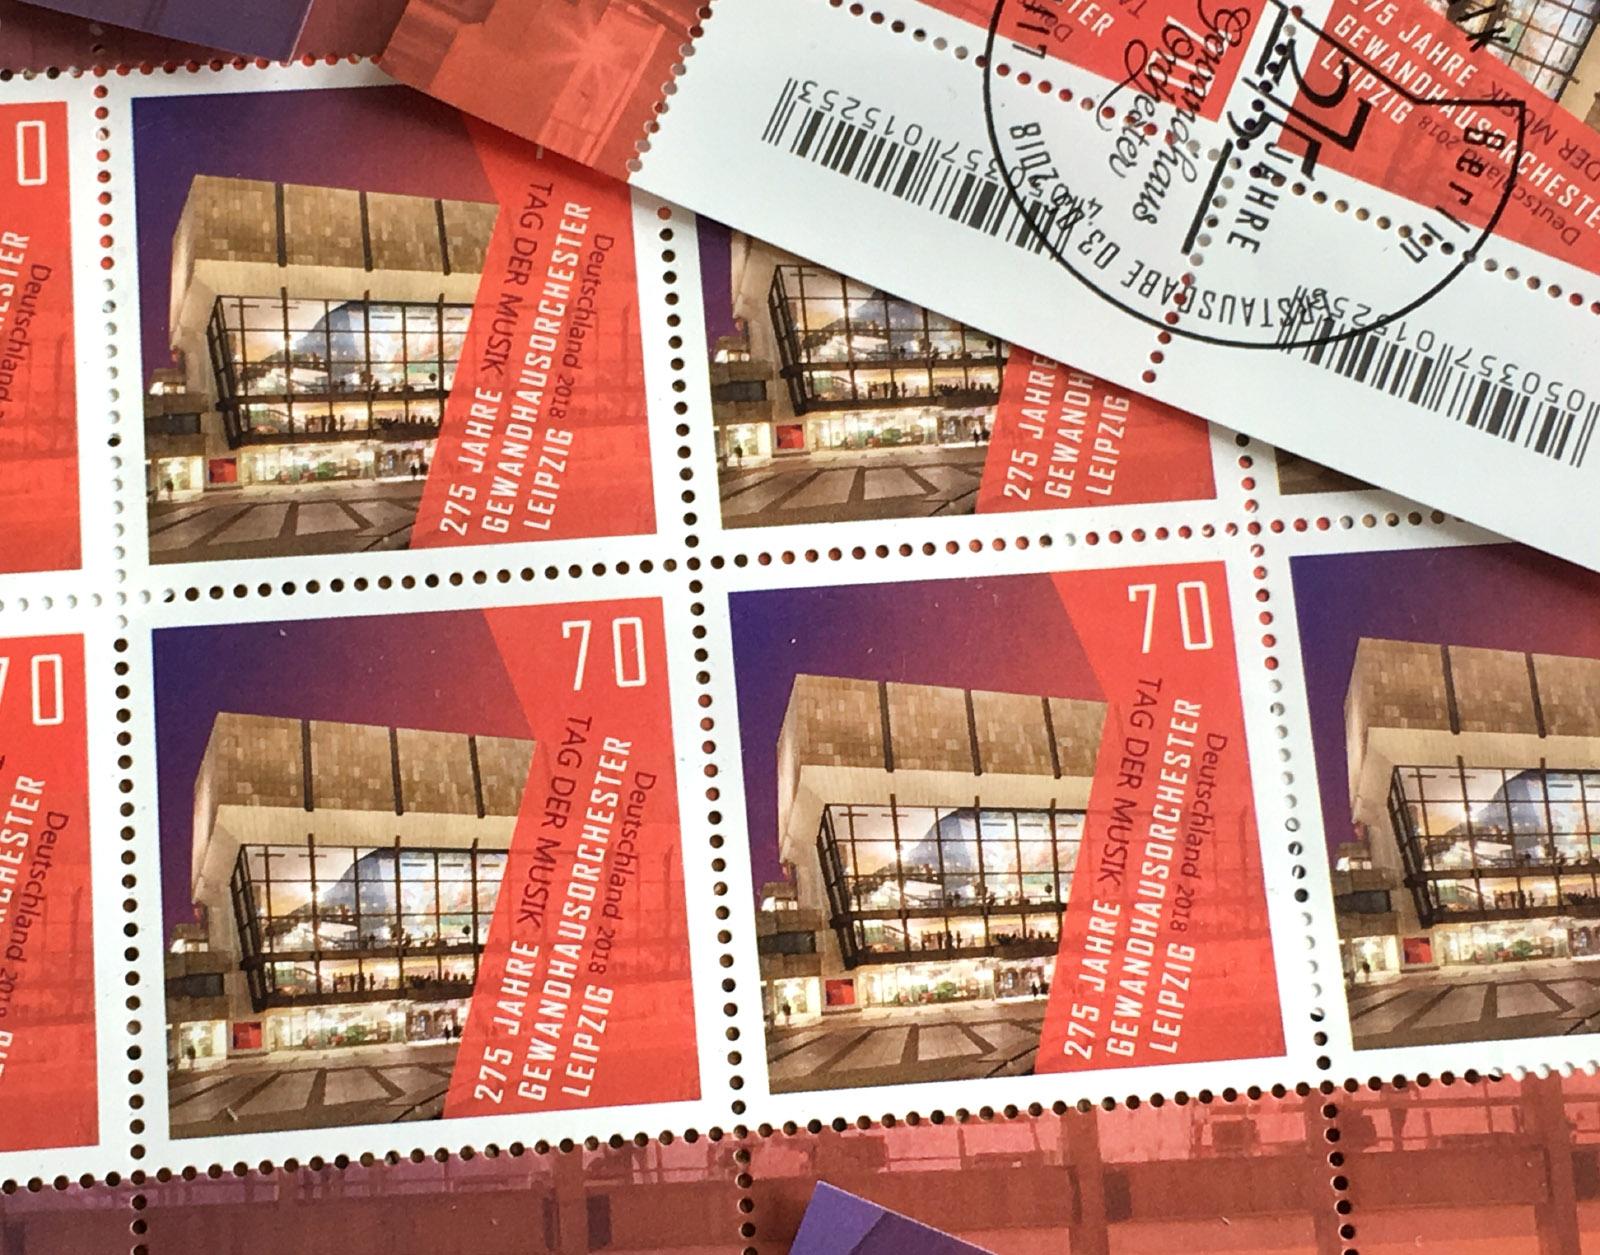 In Zusammenarbeit mit der Deutschen Post erscheint anlässlich des 275 jährigen Jubiläums des Gewandhausorchesters Leipzig diese wunderbare Briefmarke! Gestaltung: Jennifer Dengler, Architekturfoto: Jens Gerber